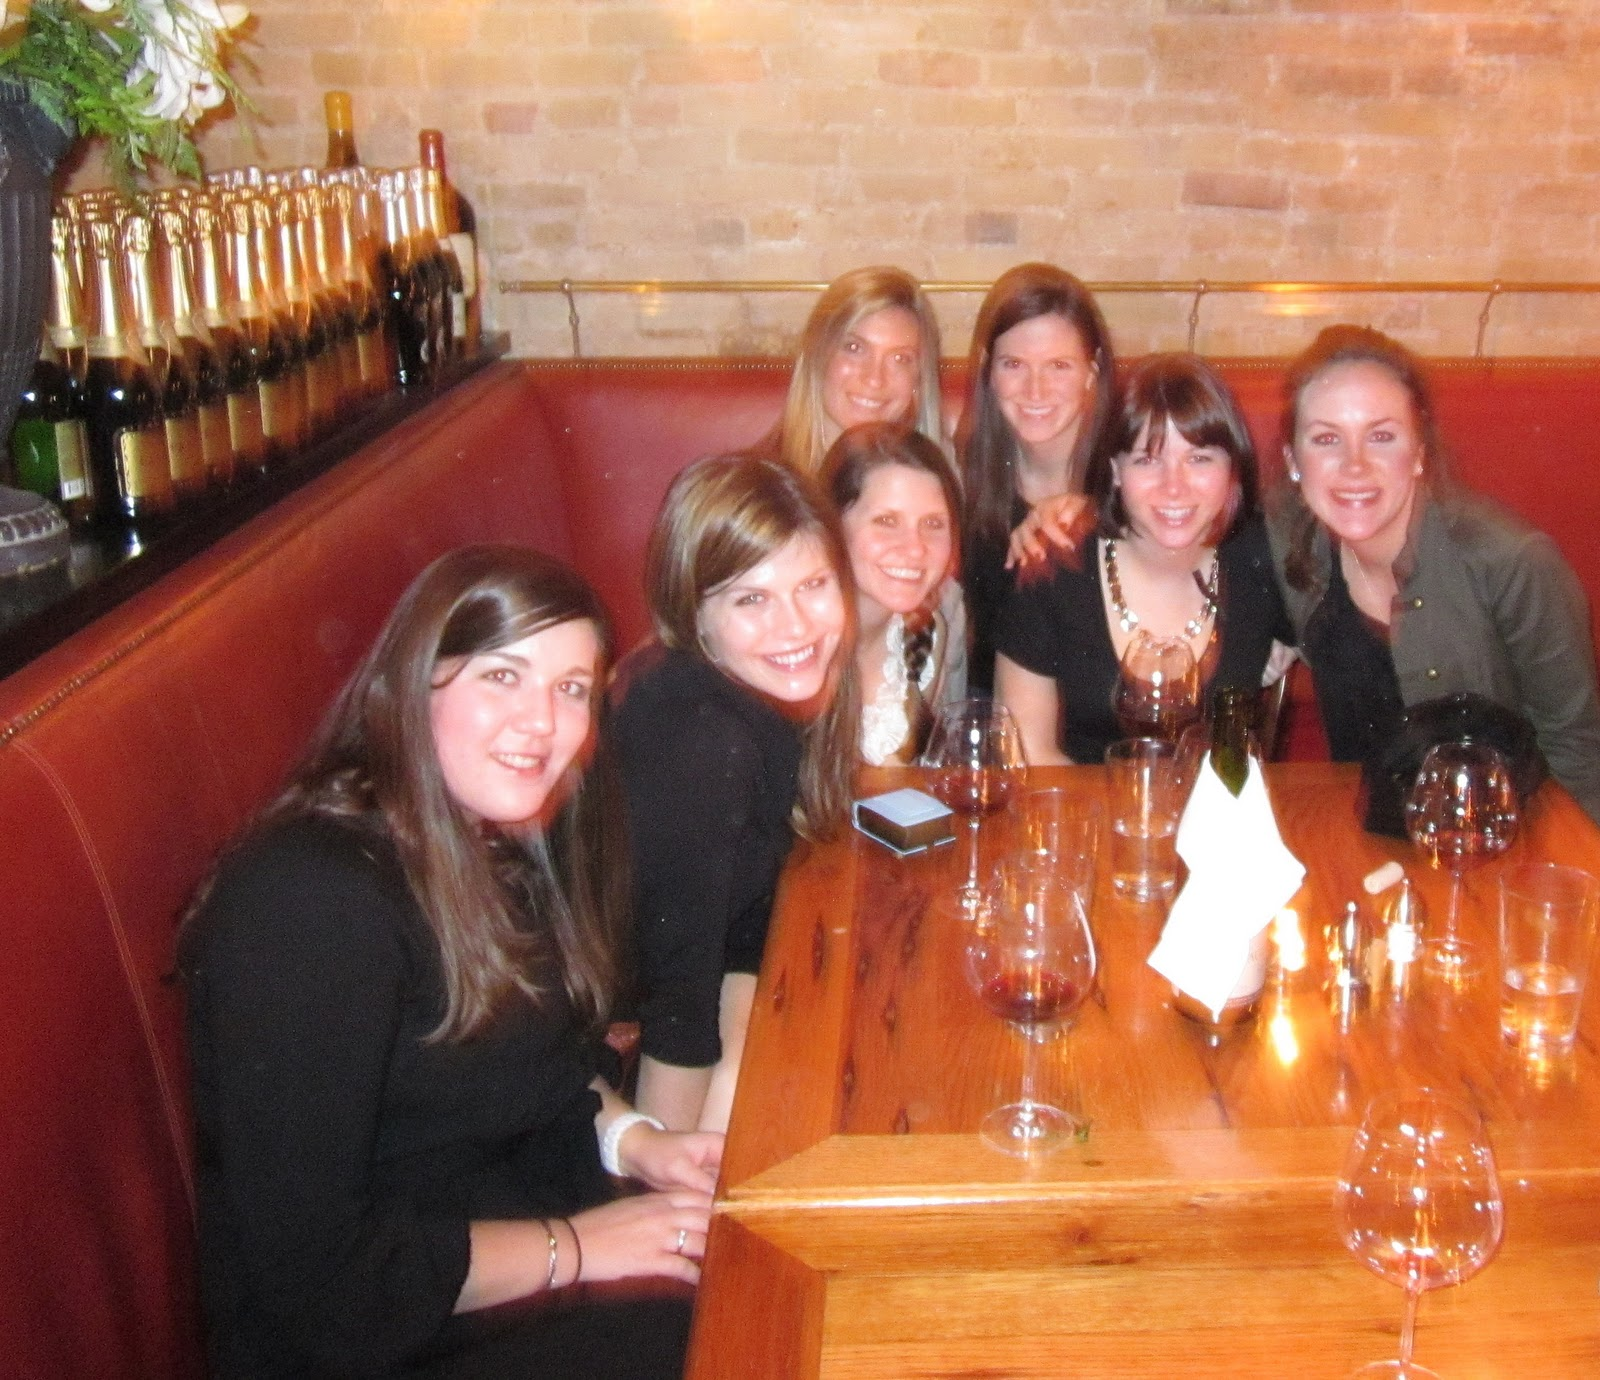 http://2.bp.blogspot.com/_QJ0JBBO5-08/TR9FyHCp-WI/AAAAAAAABgQ/-nAgaU7216k/s1600/bess+bistro+sandra+bullocks+restaurant.jpg